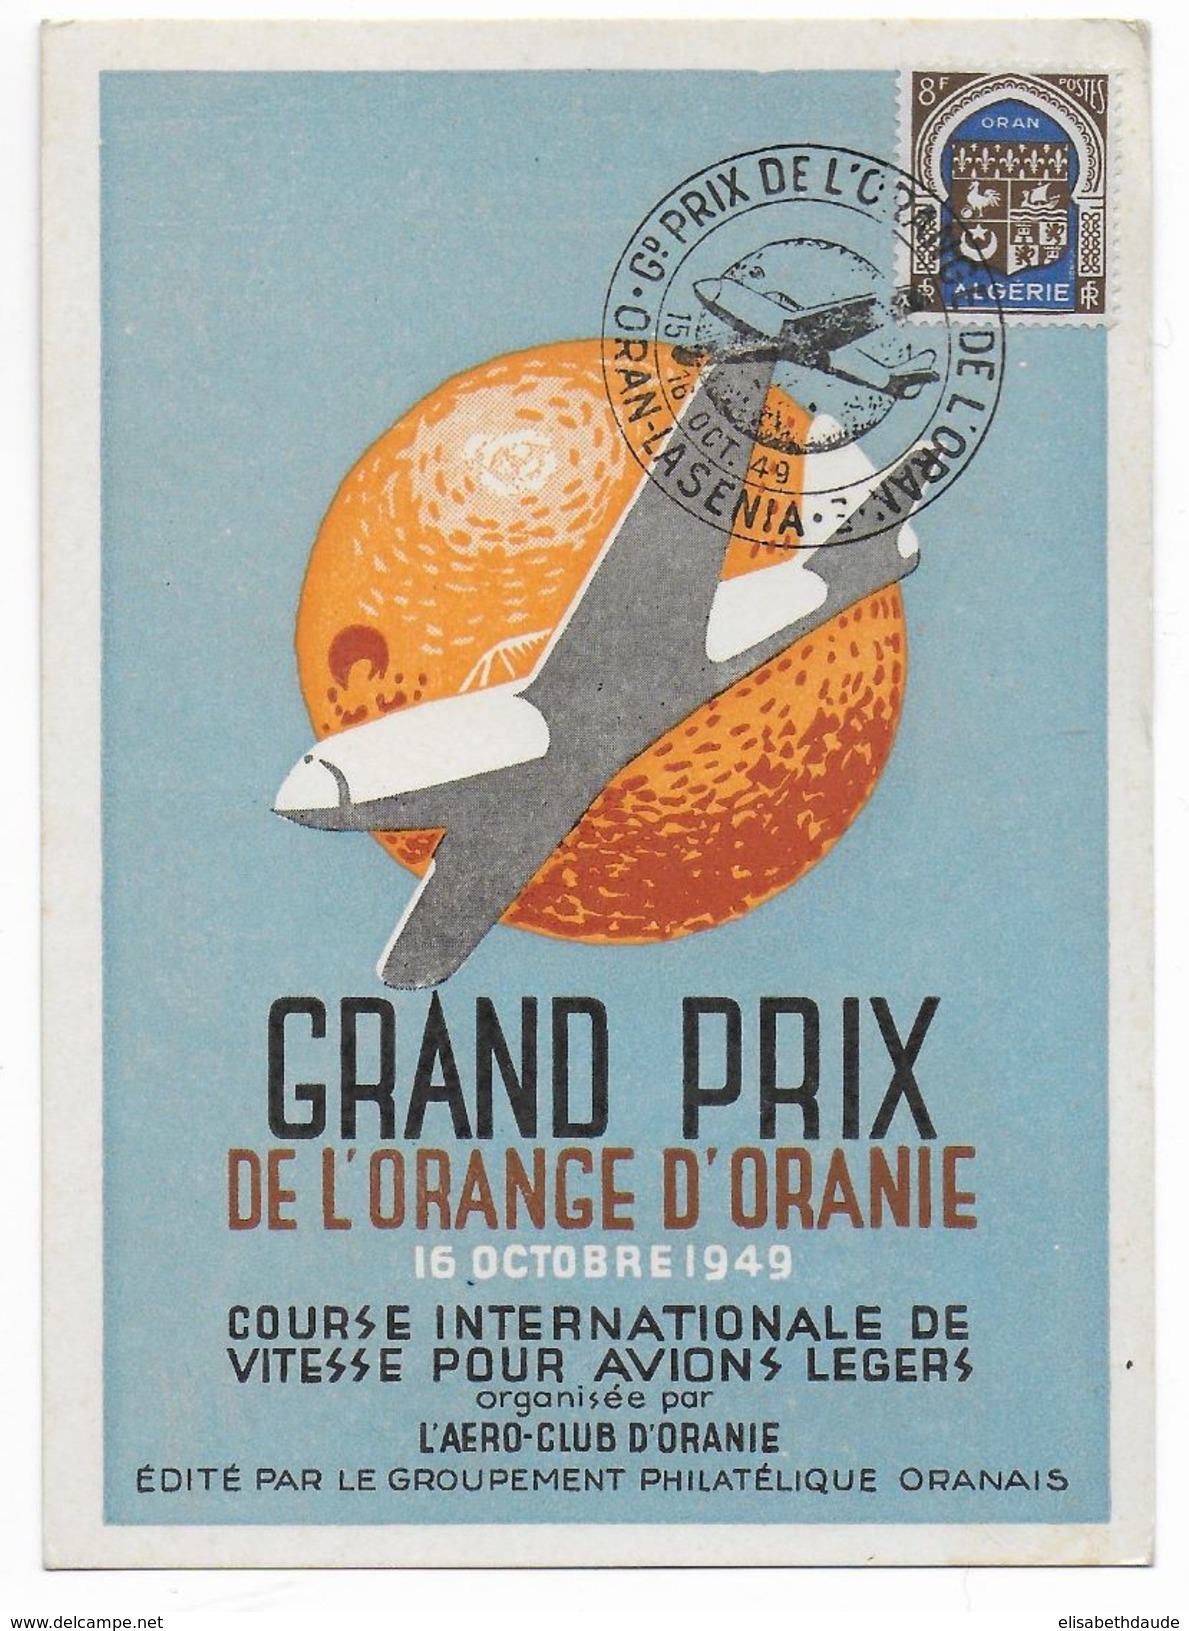 1949 - ALGERIE - CARTE POSTALE Du GRAND PRIX D'AVIATION De L'ORANGE à ORAN Avec OBLITERATION TEMPORAIRE ILLUSTREE - Algérie (1924-1962)